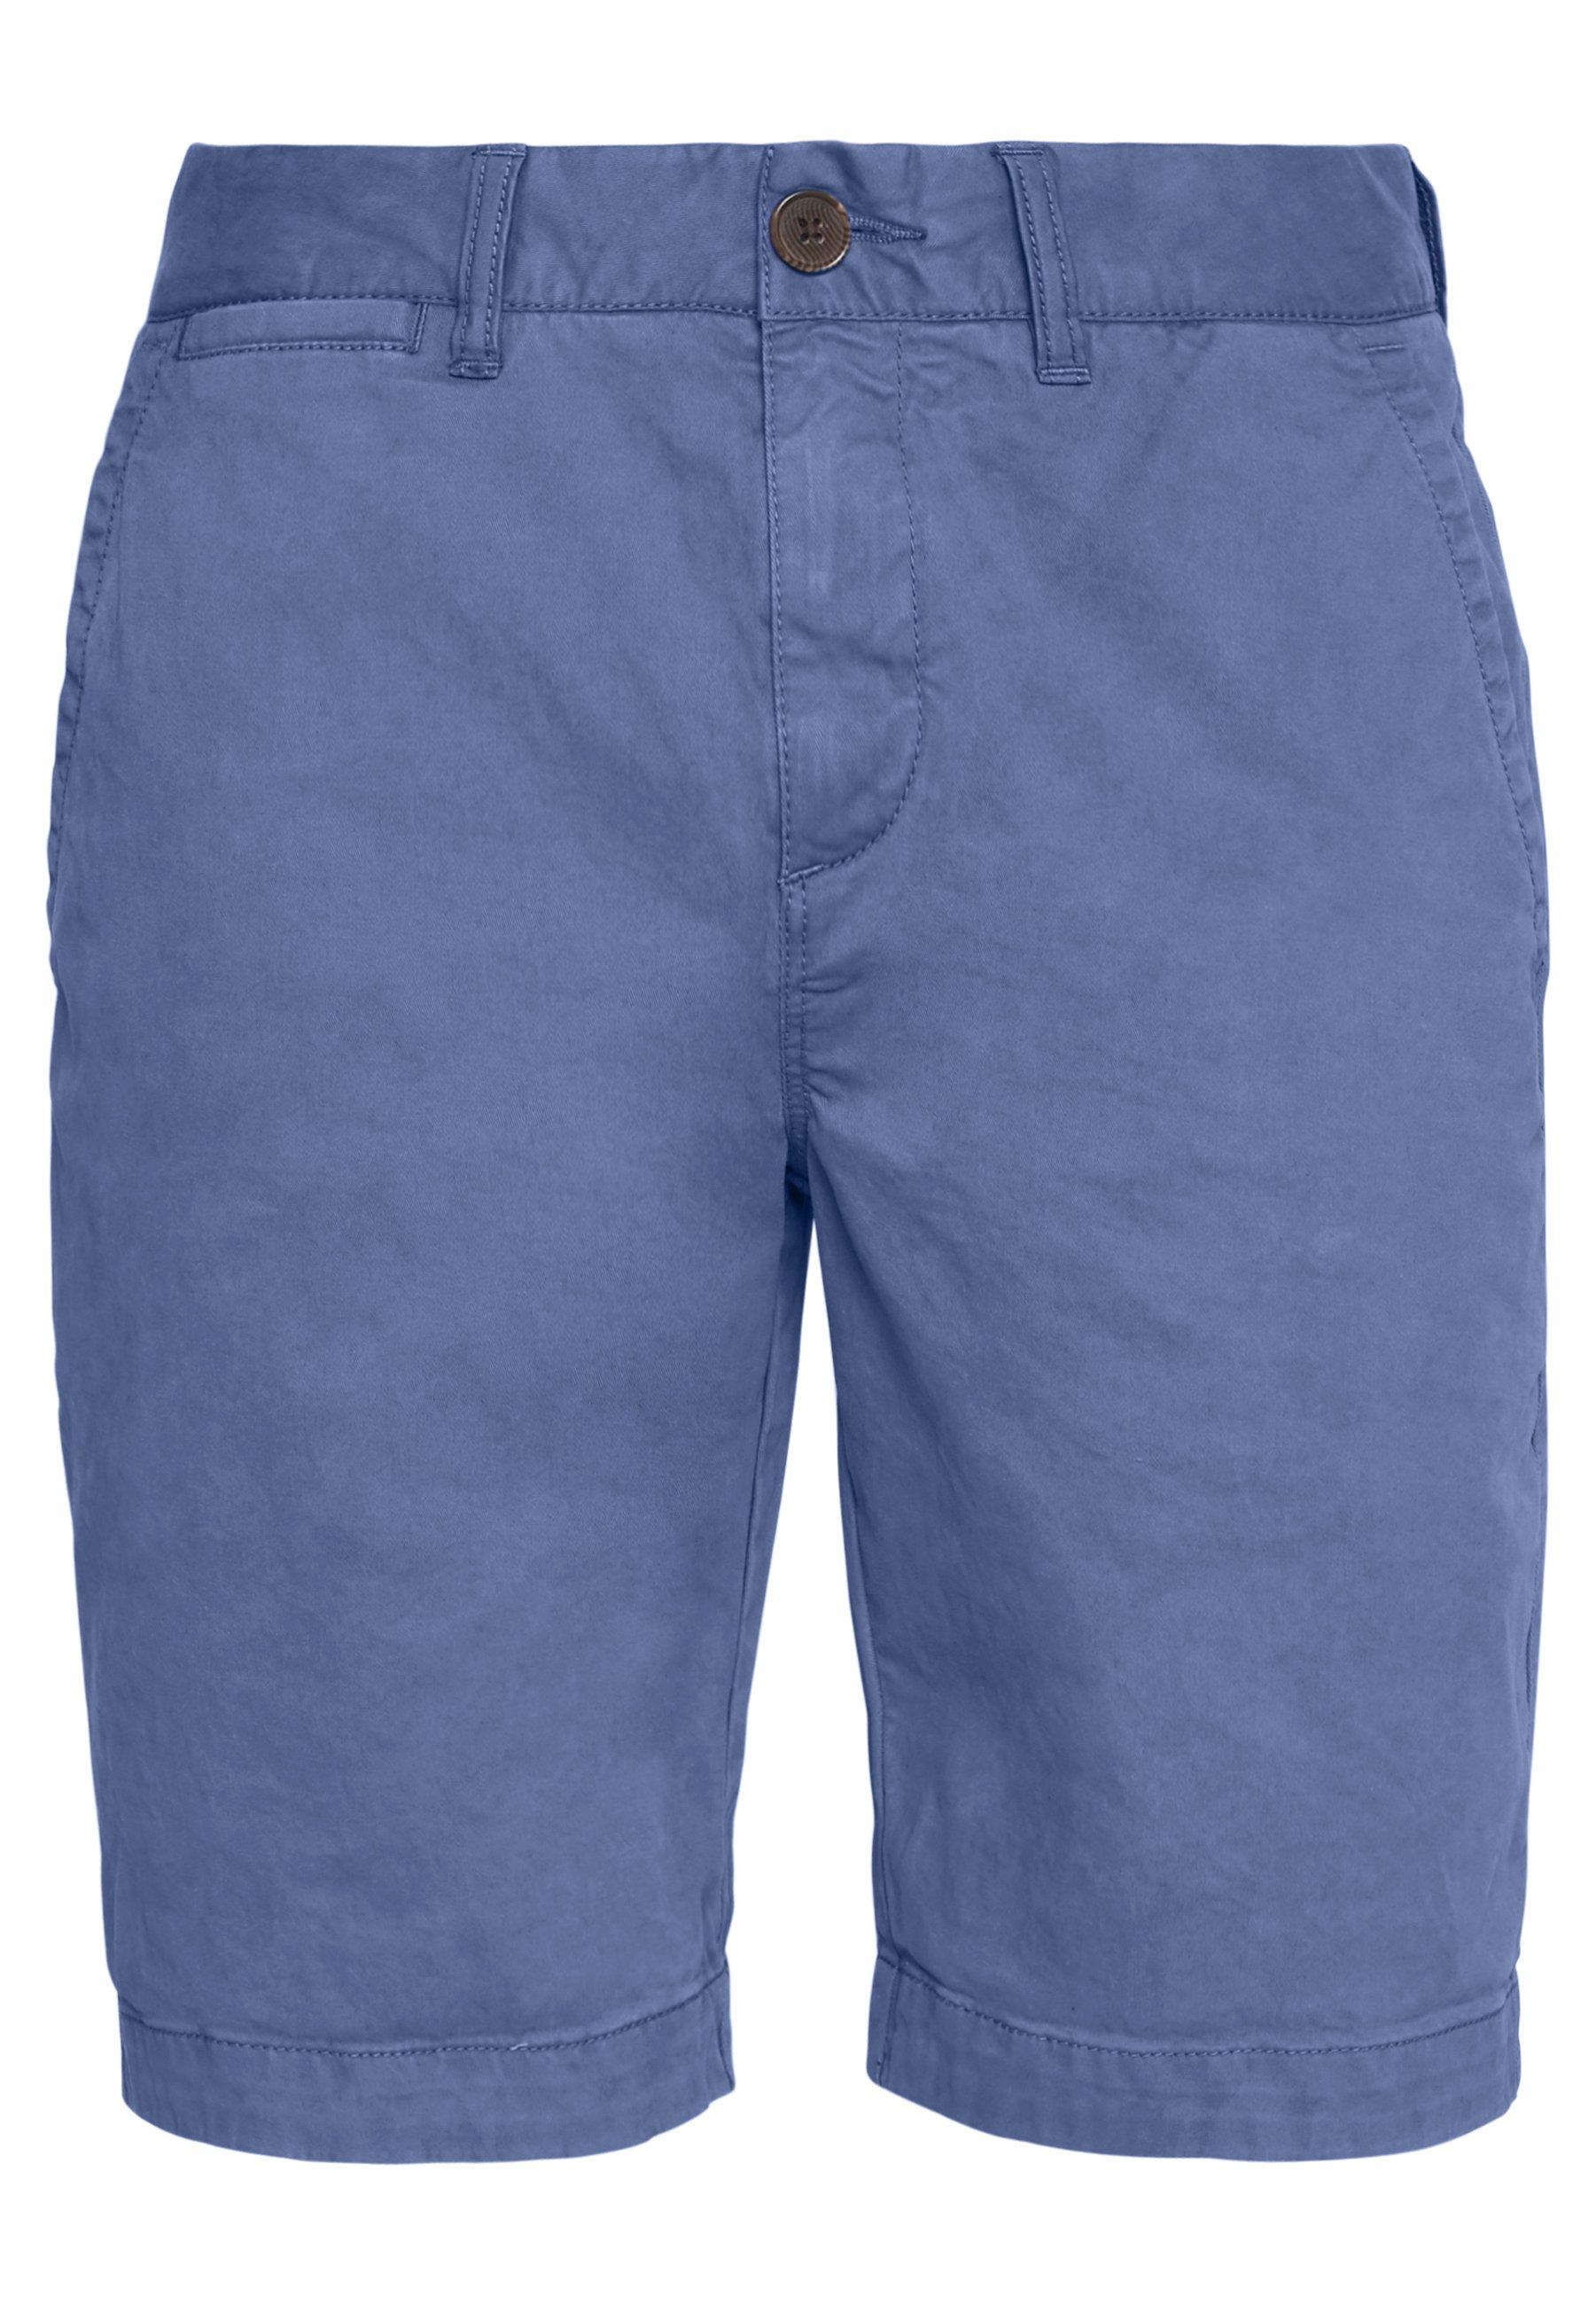 Superdry International - Short Neptune Blue